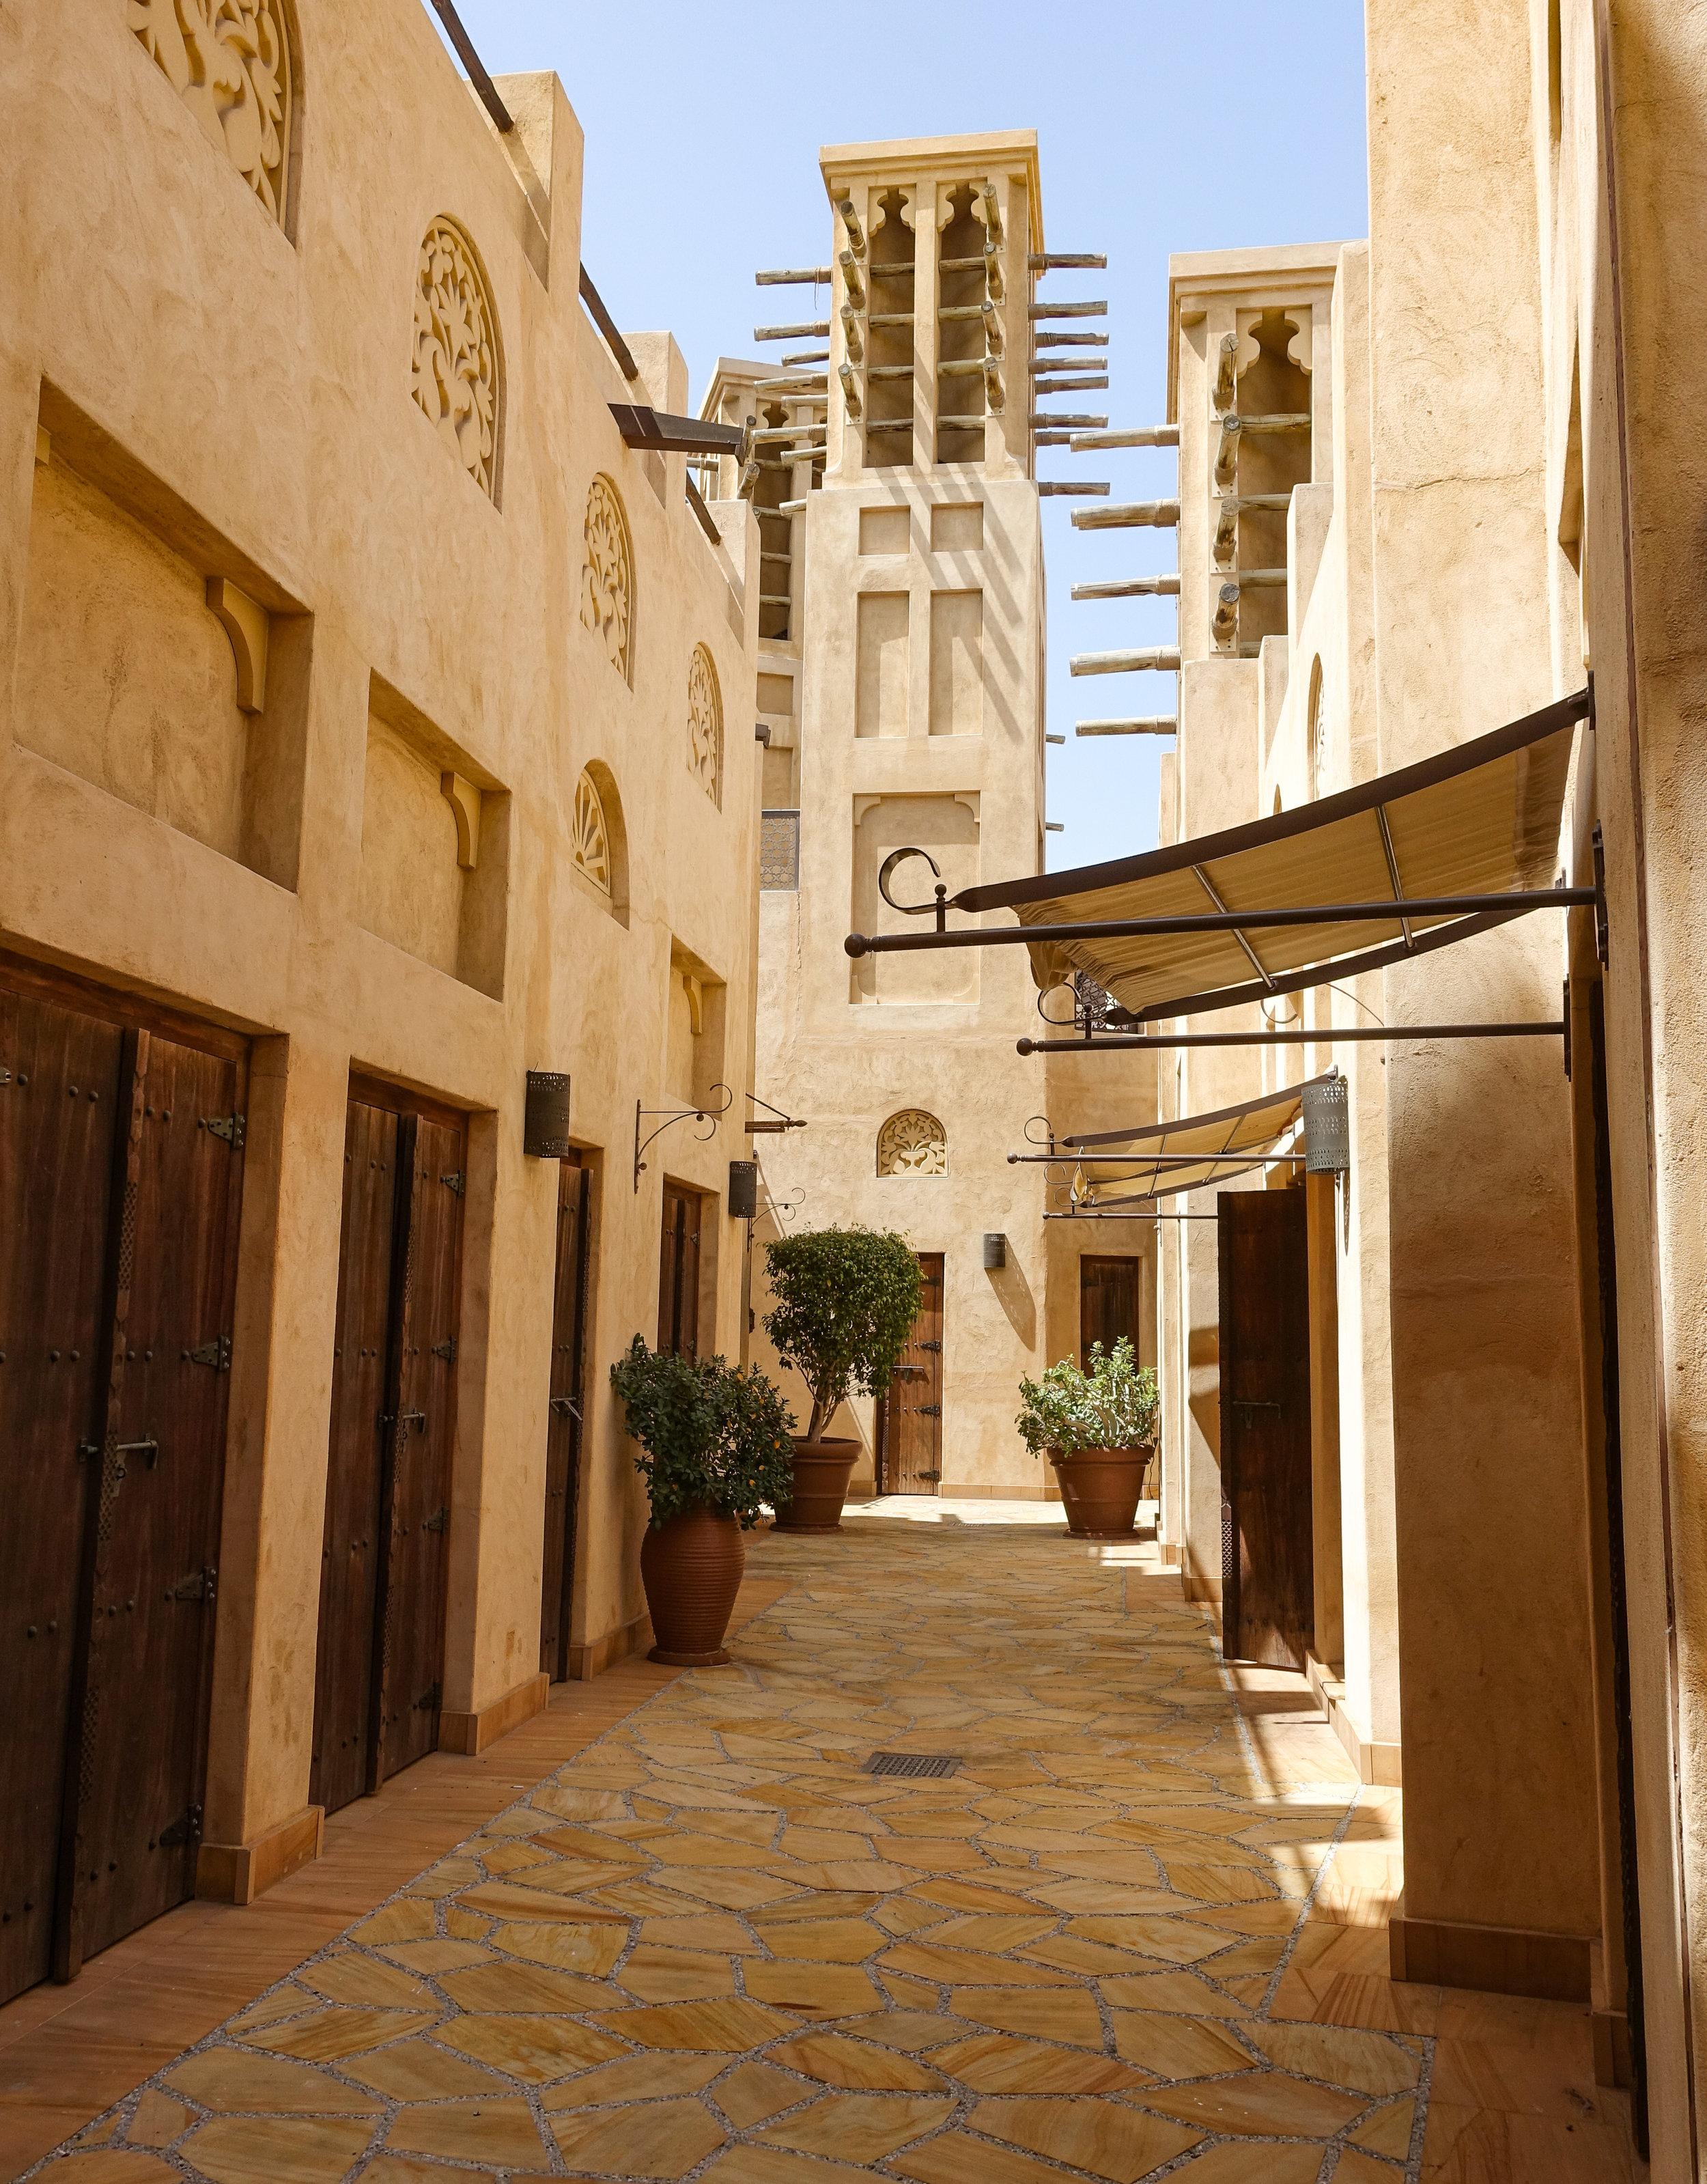 Dubai Museum - ¿Eres amante de la historia? Entonces tienes que visitar el Dubai Museum. Una colección de arte e historia que retrata la cultura de lo que empezó como un pequeño pueblo pesquero y sus alrededores. No olvides pasar por Al Fahidi Fort, el edificio más antiguo de Dubai, una antigua fortaleza y prisión convertida en patrimonio dubaití.